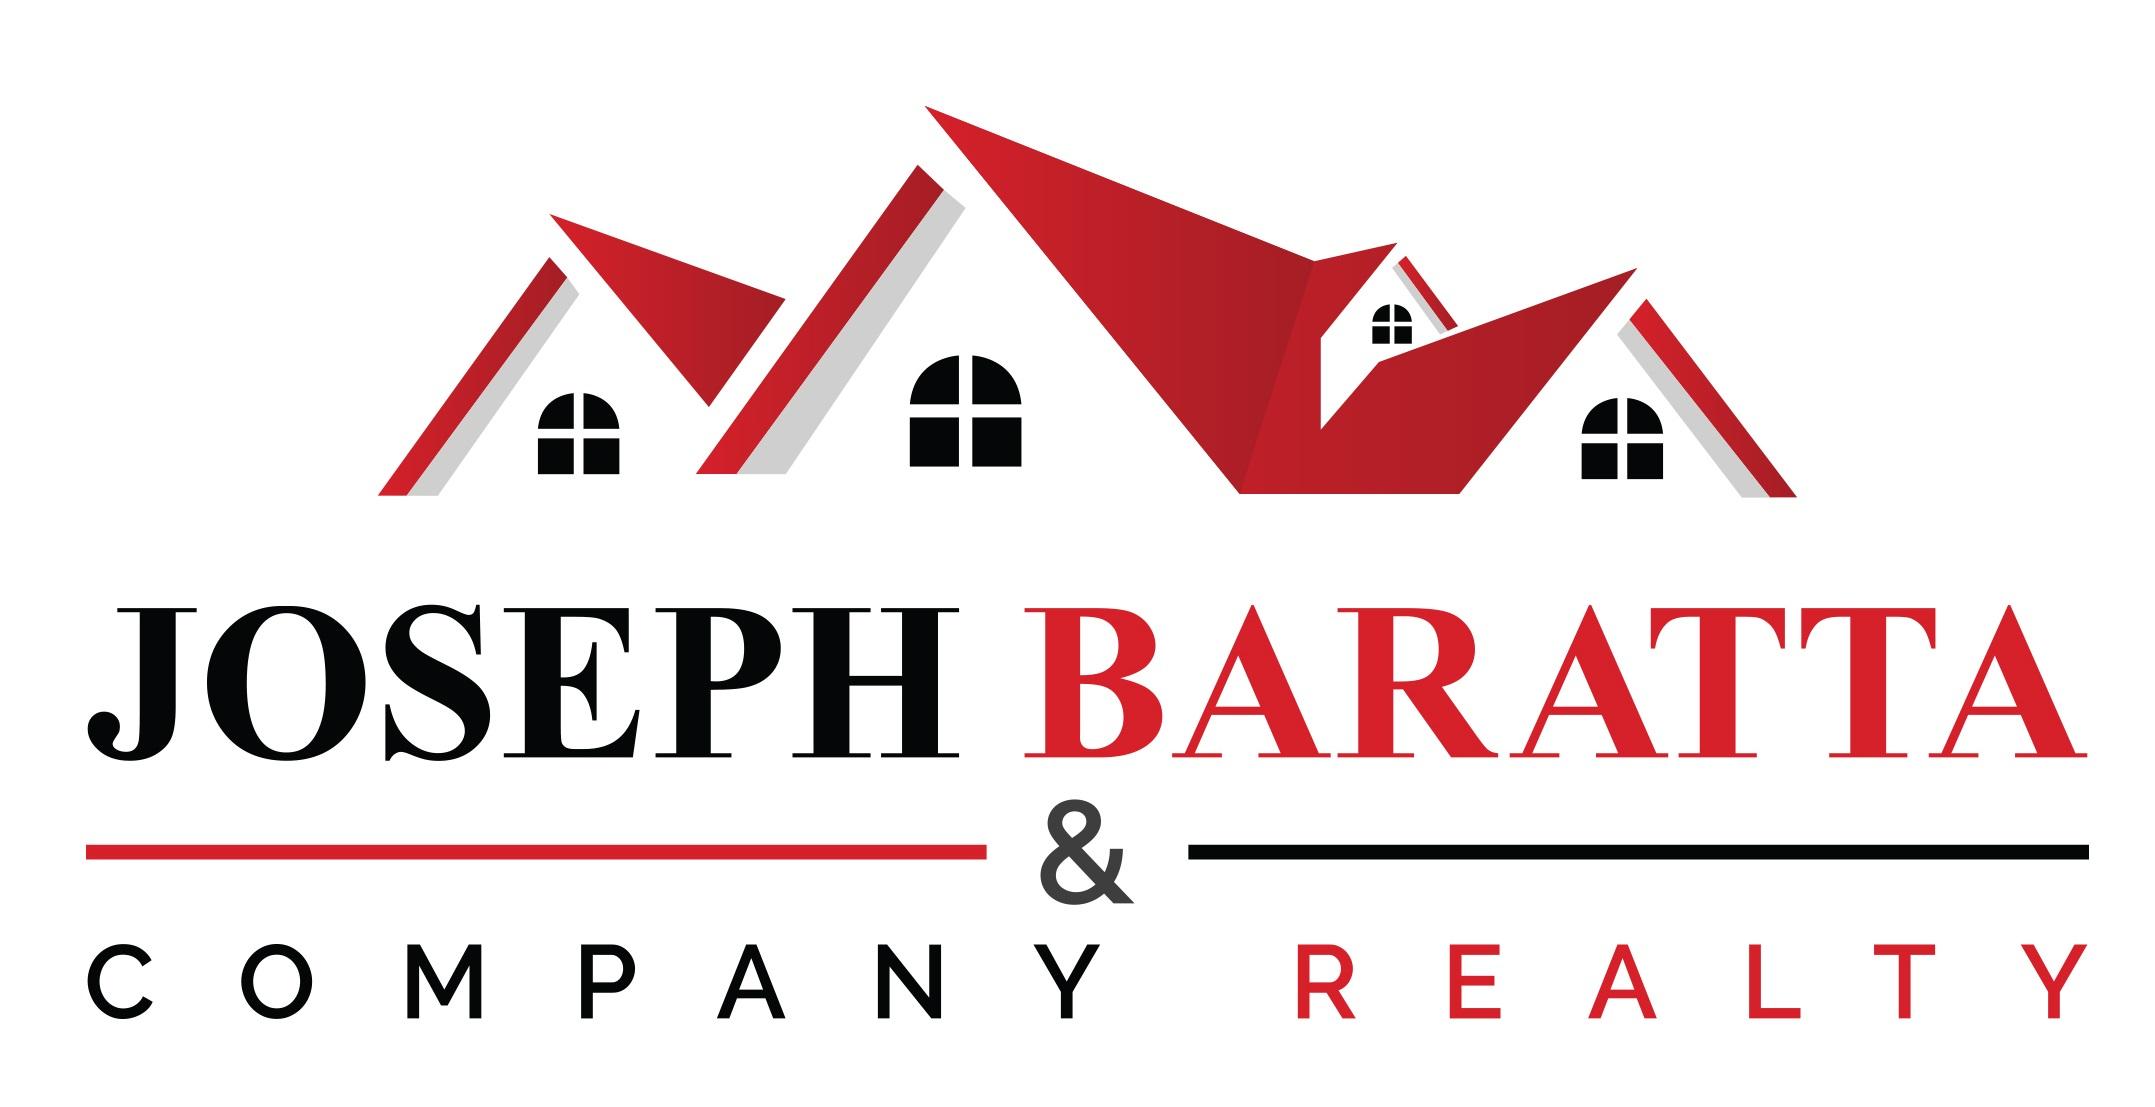 Joseph Baratta & Company Realty Joseph Baratta & Company Realty